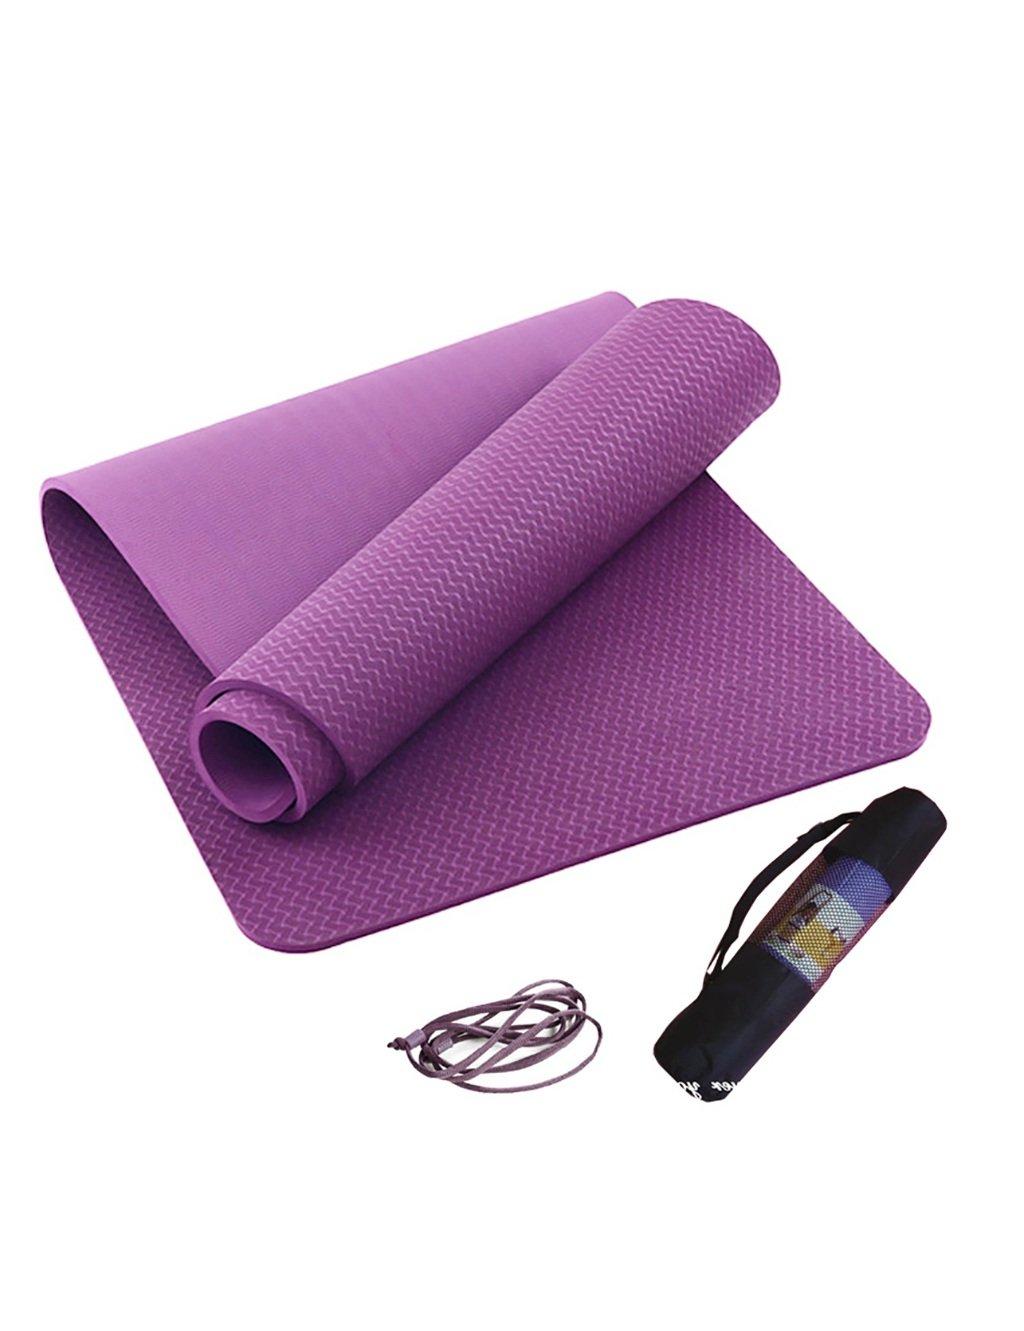 YJD Fitness Gewichtsverlust Dämpfung Yogamatte Baby Kissen Sport Gym Pad 10mm (3 Farben Optional)